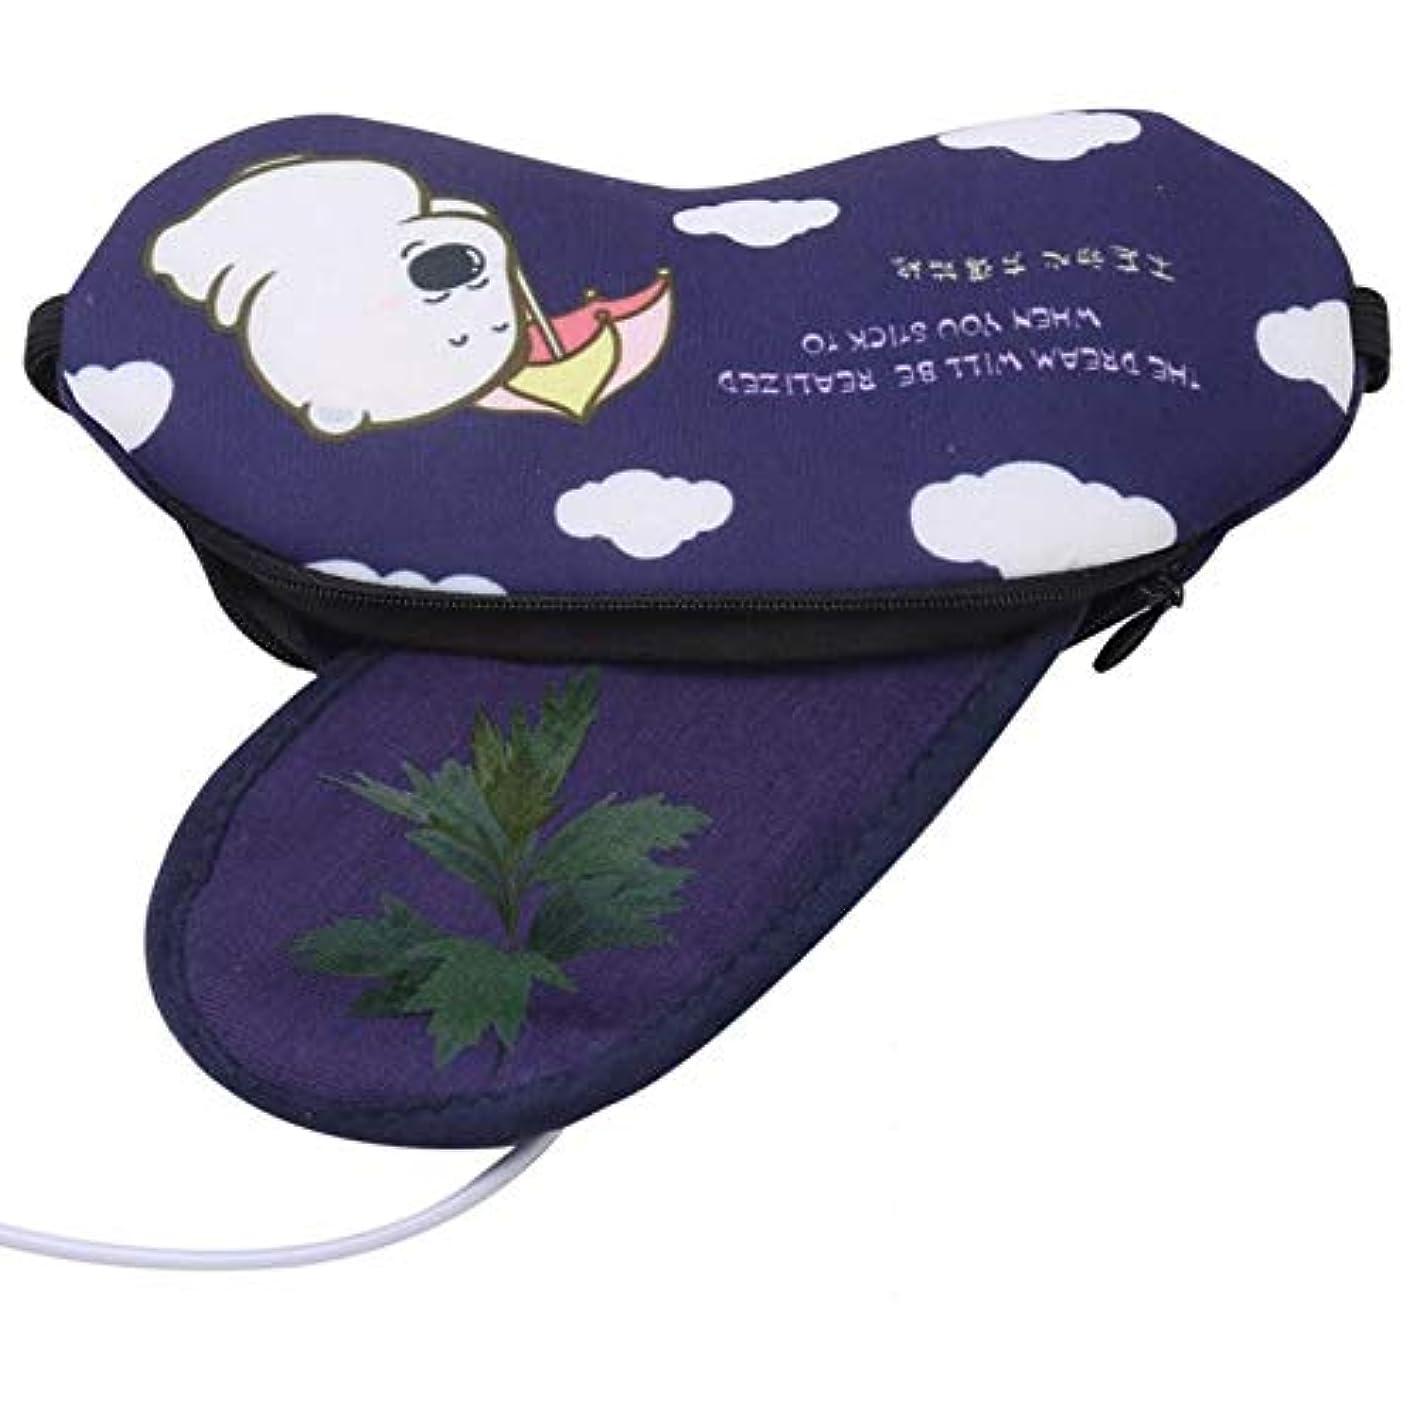 うんざり地元ハチ注意事項HANRIVER USB暖房電気ホットパックスチームアイマスク暖房快適な睡眠軽減目の疲れを軽減ダークサークル